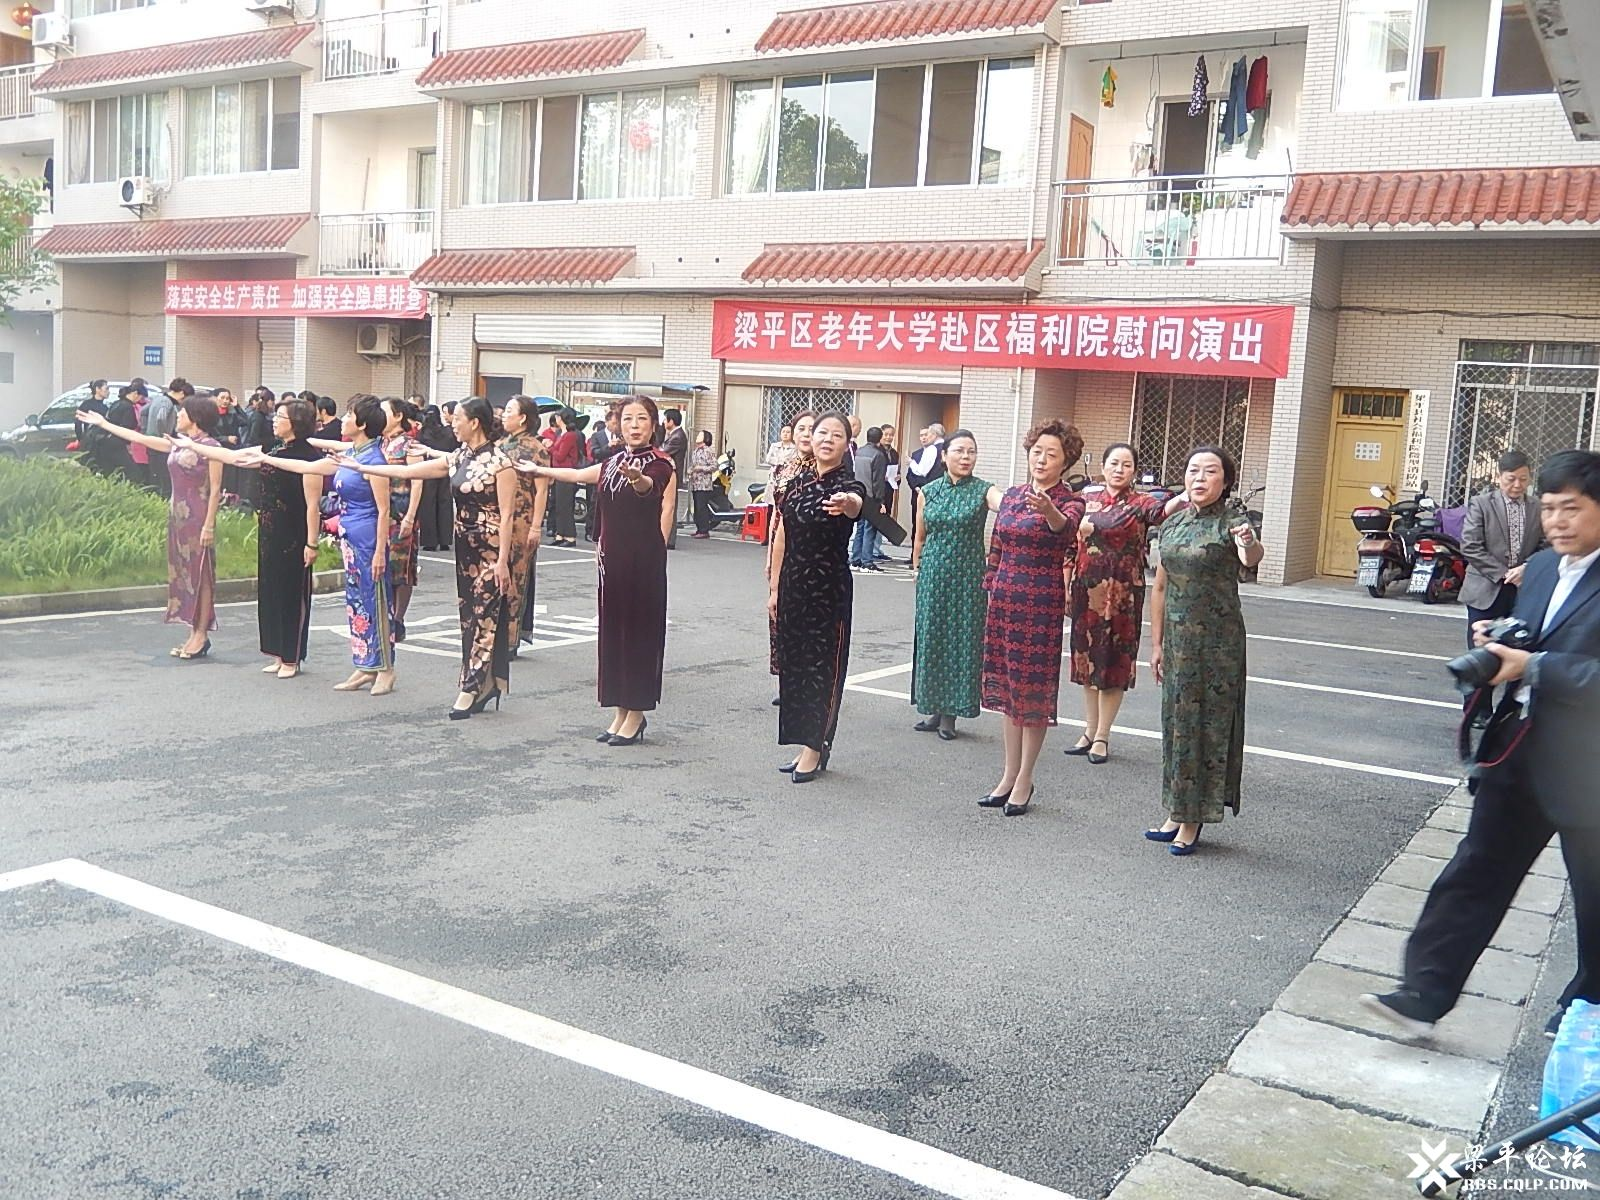 梁平老年大学慰问演出节目7.JPG